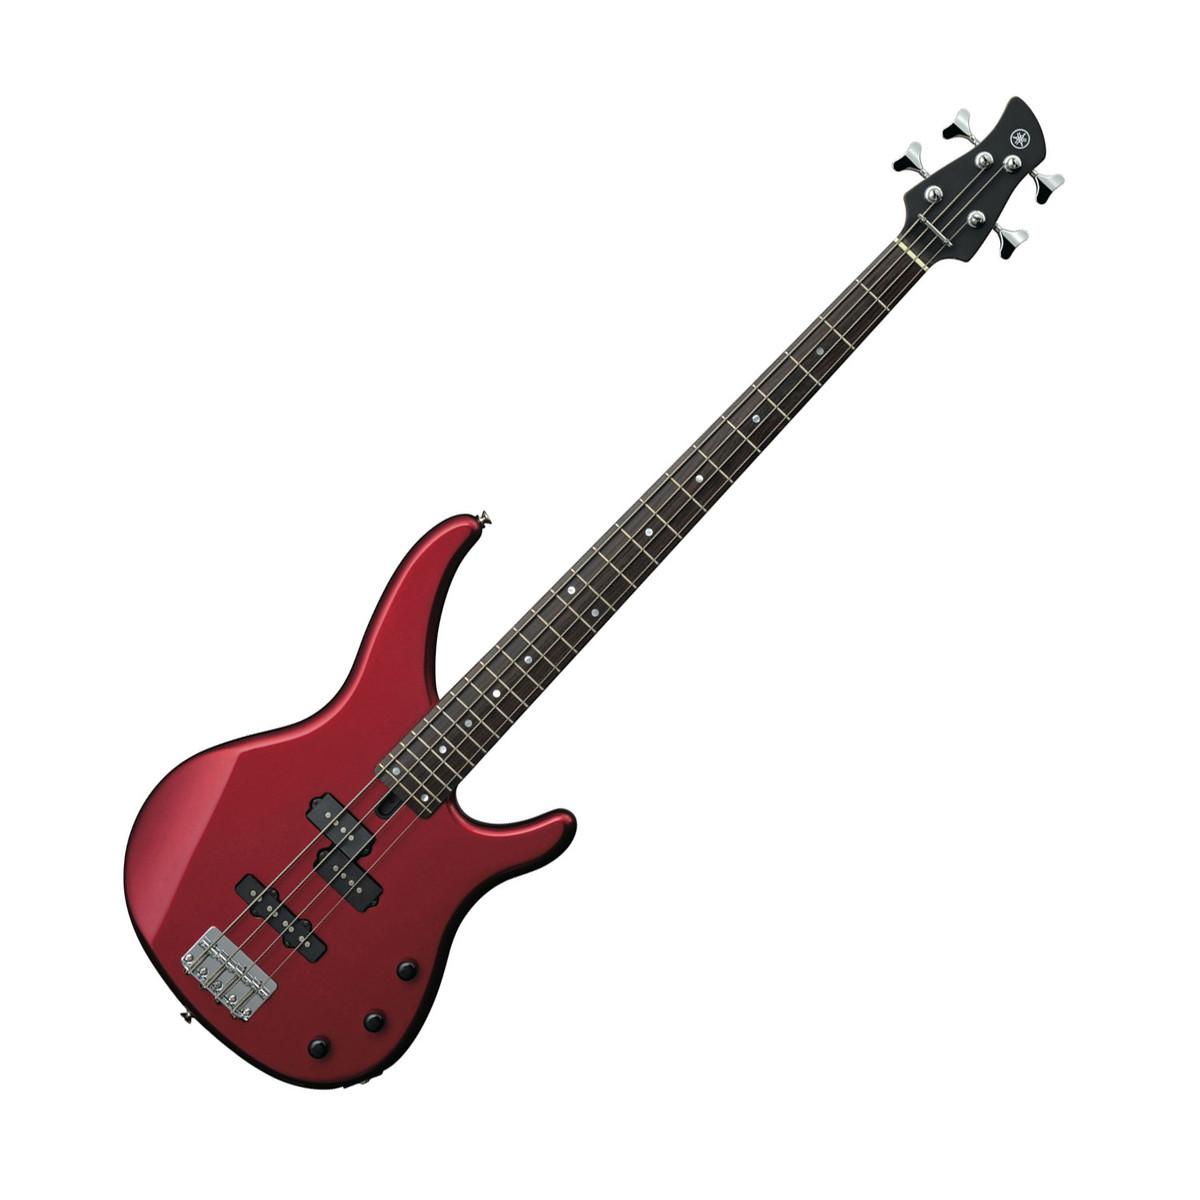 Yamaha trbx174 electric bass guitar red metallic at for Yamaha bass guitars